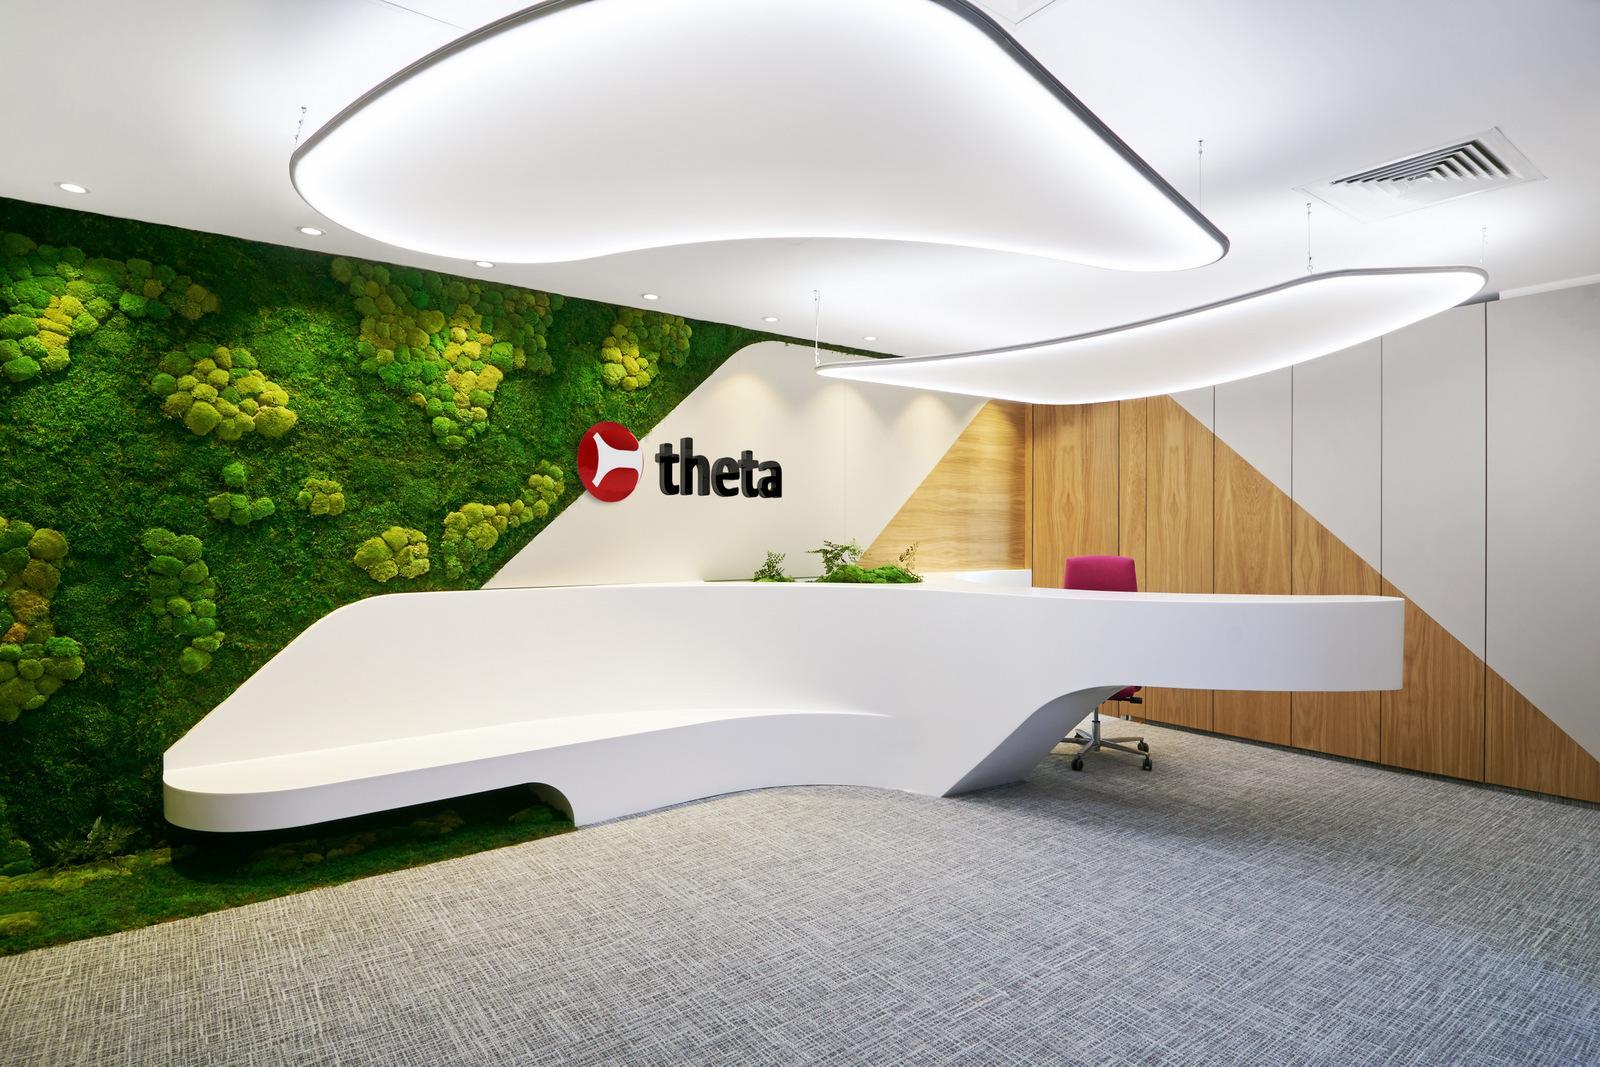 办公室设计时如何突显企业文化的外在形象?